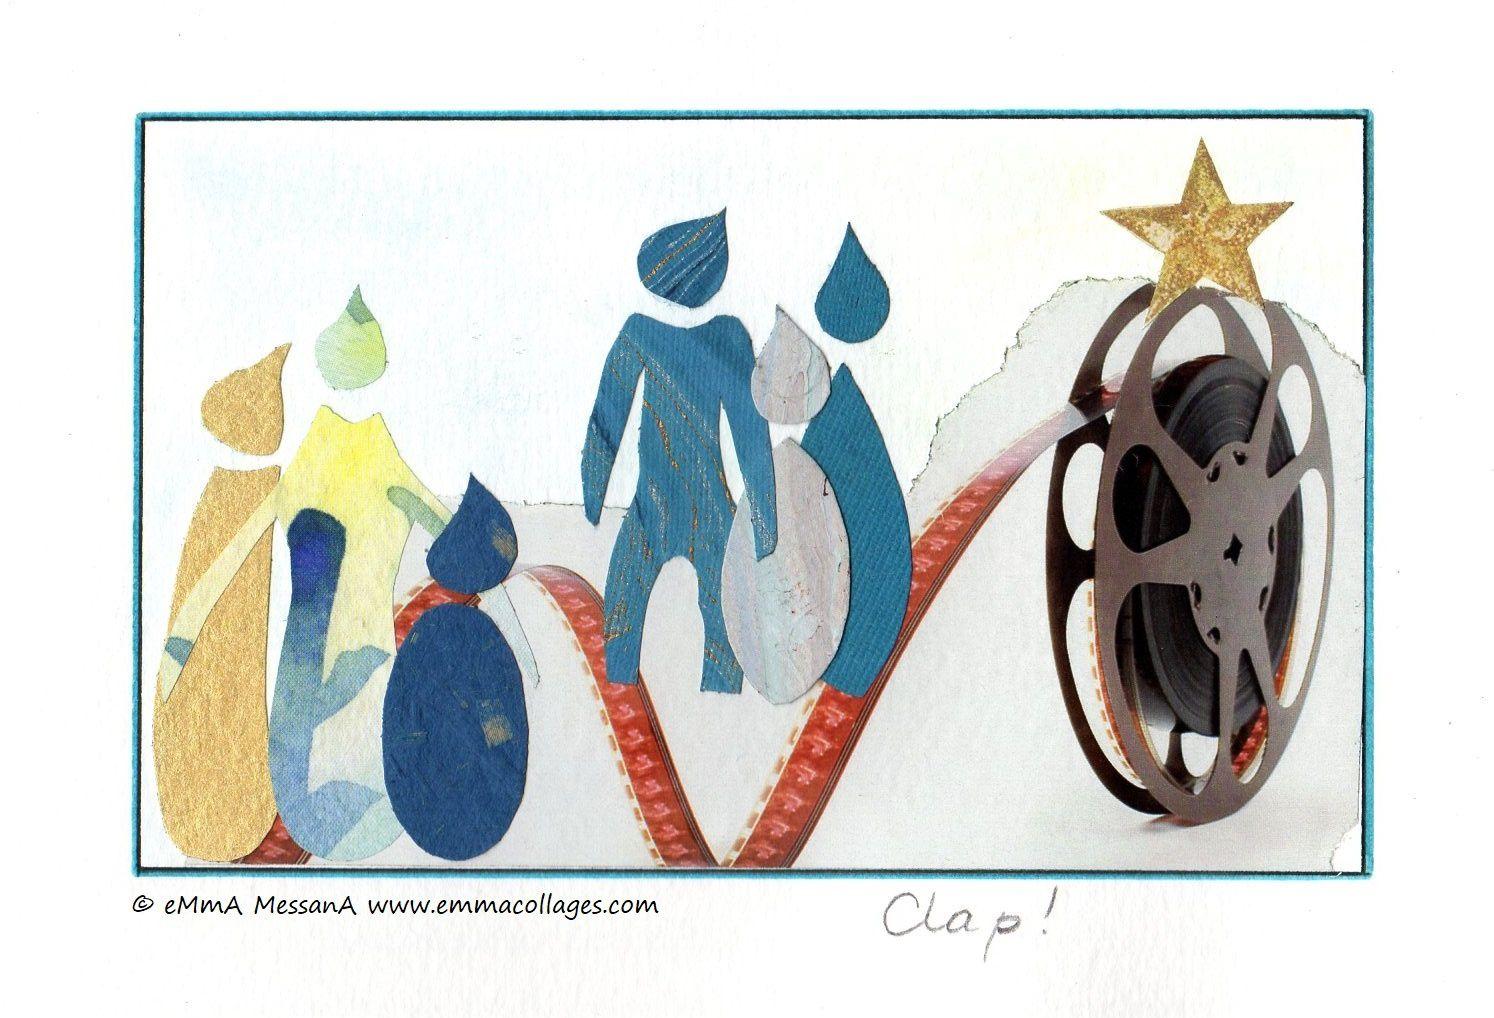 """Les Collages d'eMmA MessanA, collage N°427 """"Clap !"""", pièce unique © eMmA MessanA"""